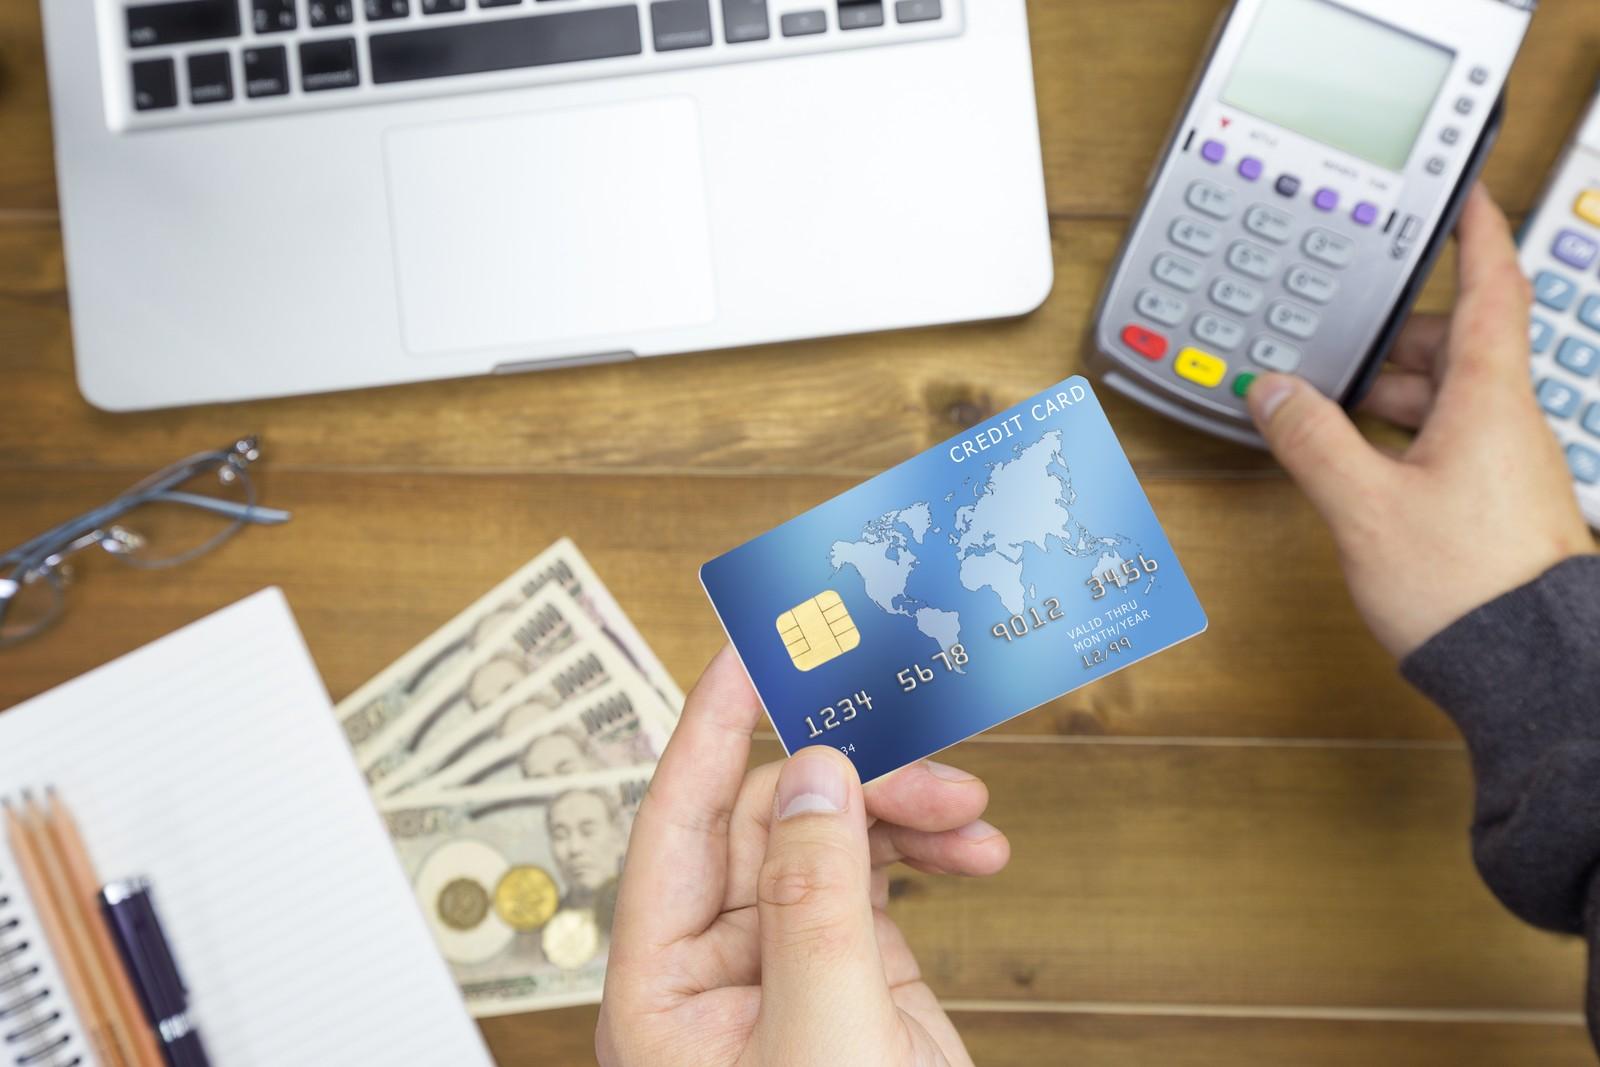 Das Finanzamt verlangt Angaben zu Kassensystemen und technischen Sicherheitseinrichtungen.